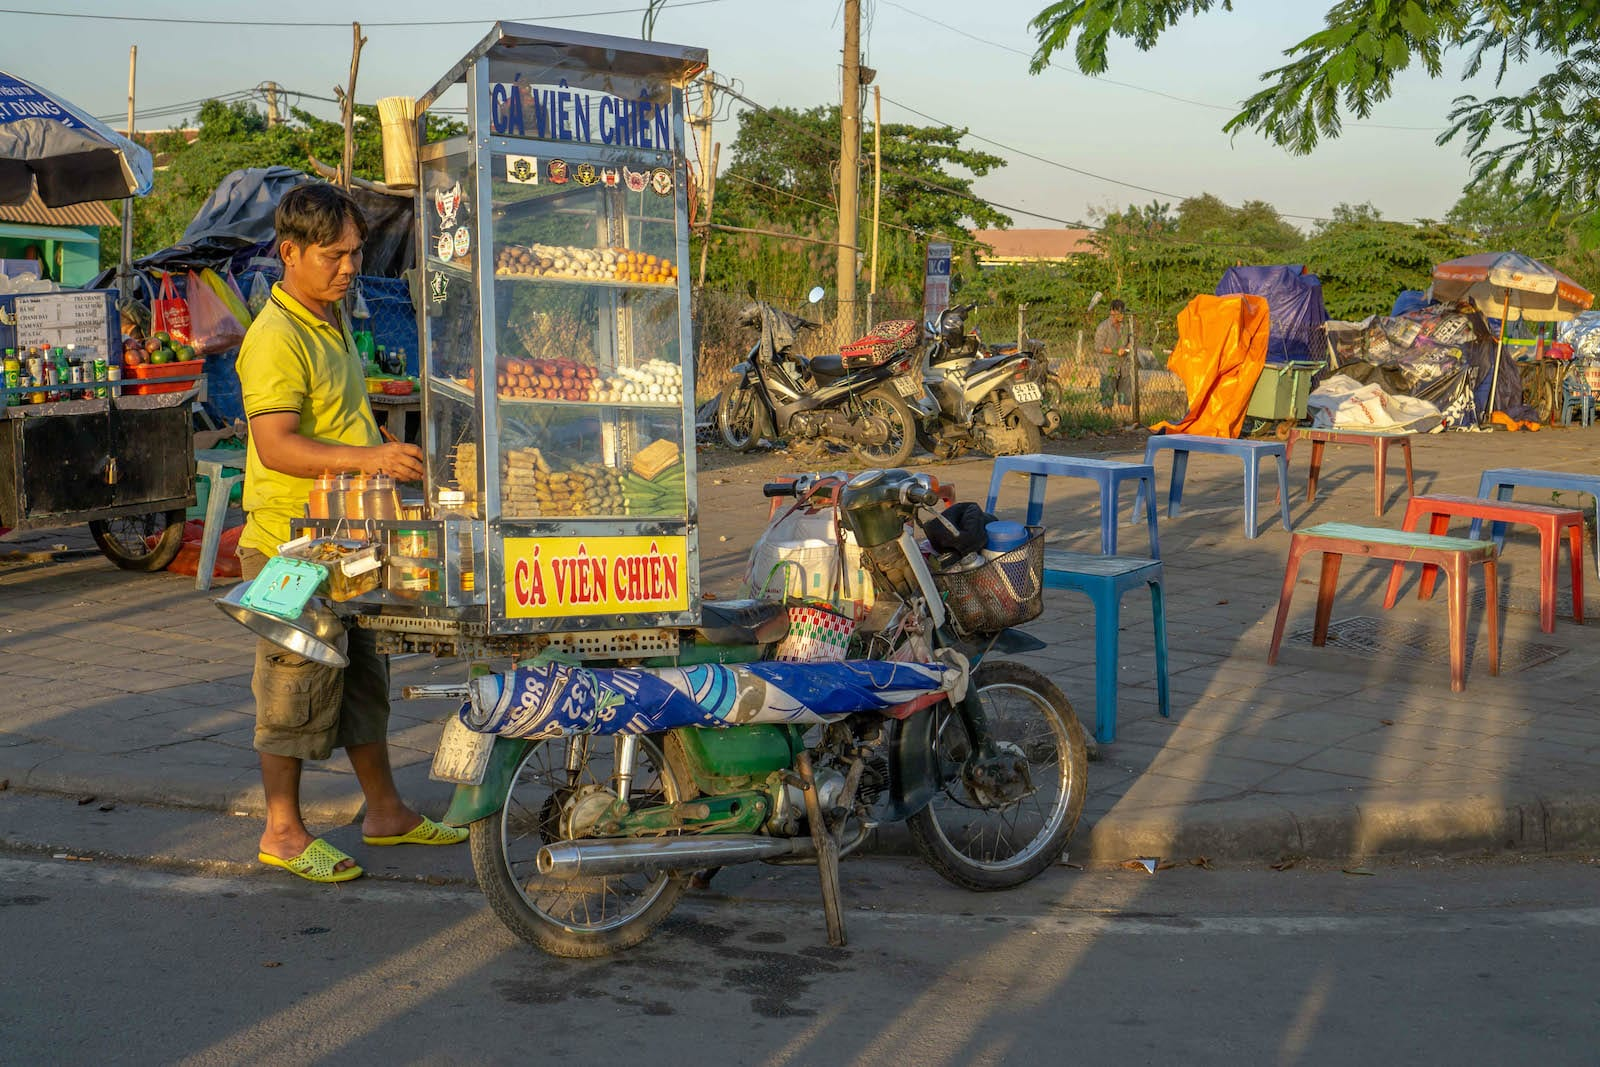 Cá Viên Chiên, HCMC